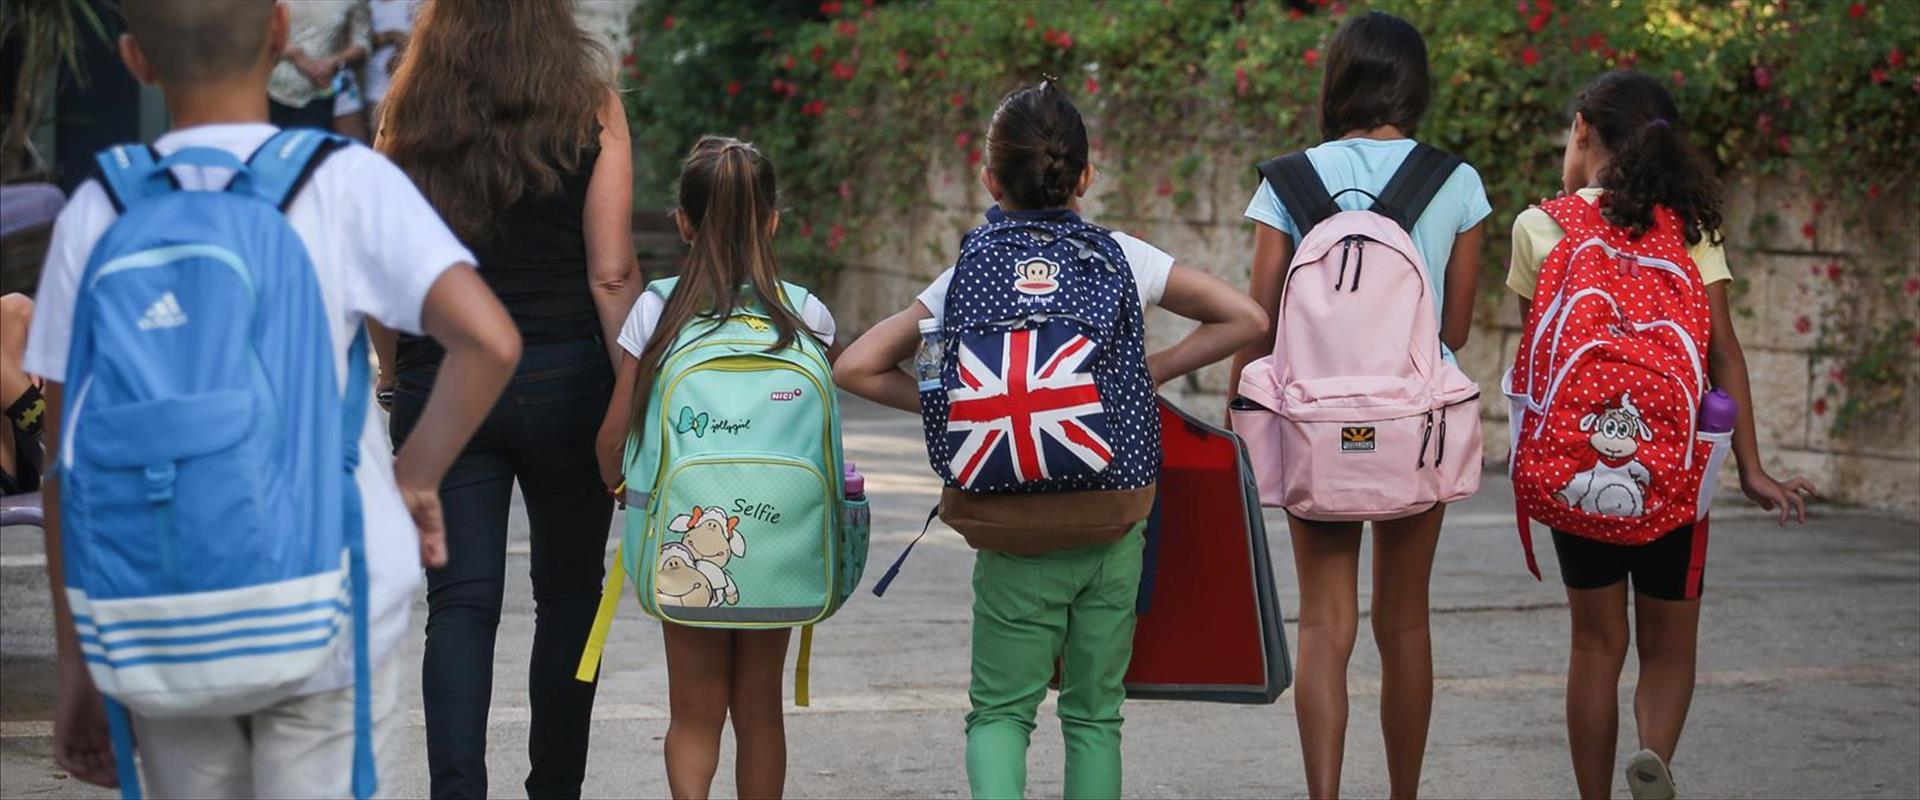 תלמידים בדרך לבית הספר